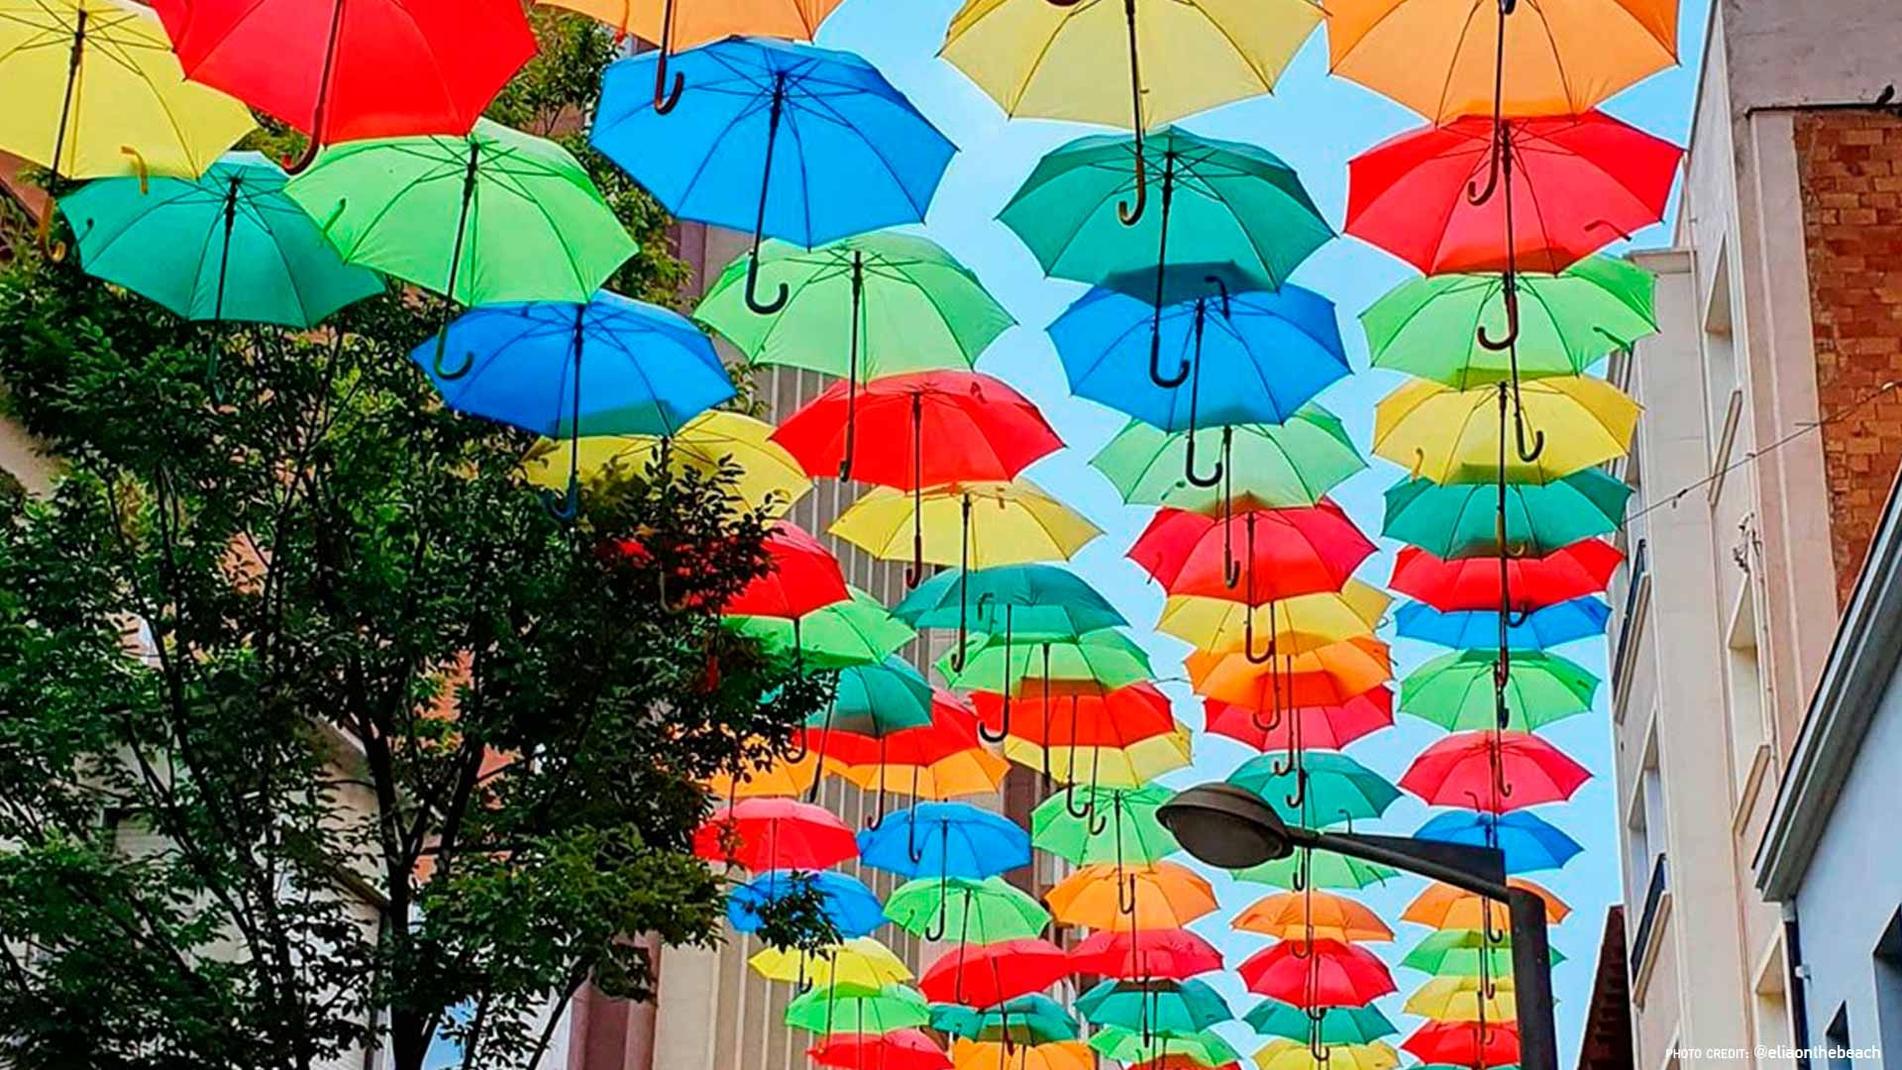 Umbrella Sky Project - Rubí'20